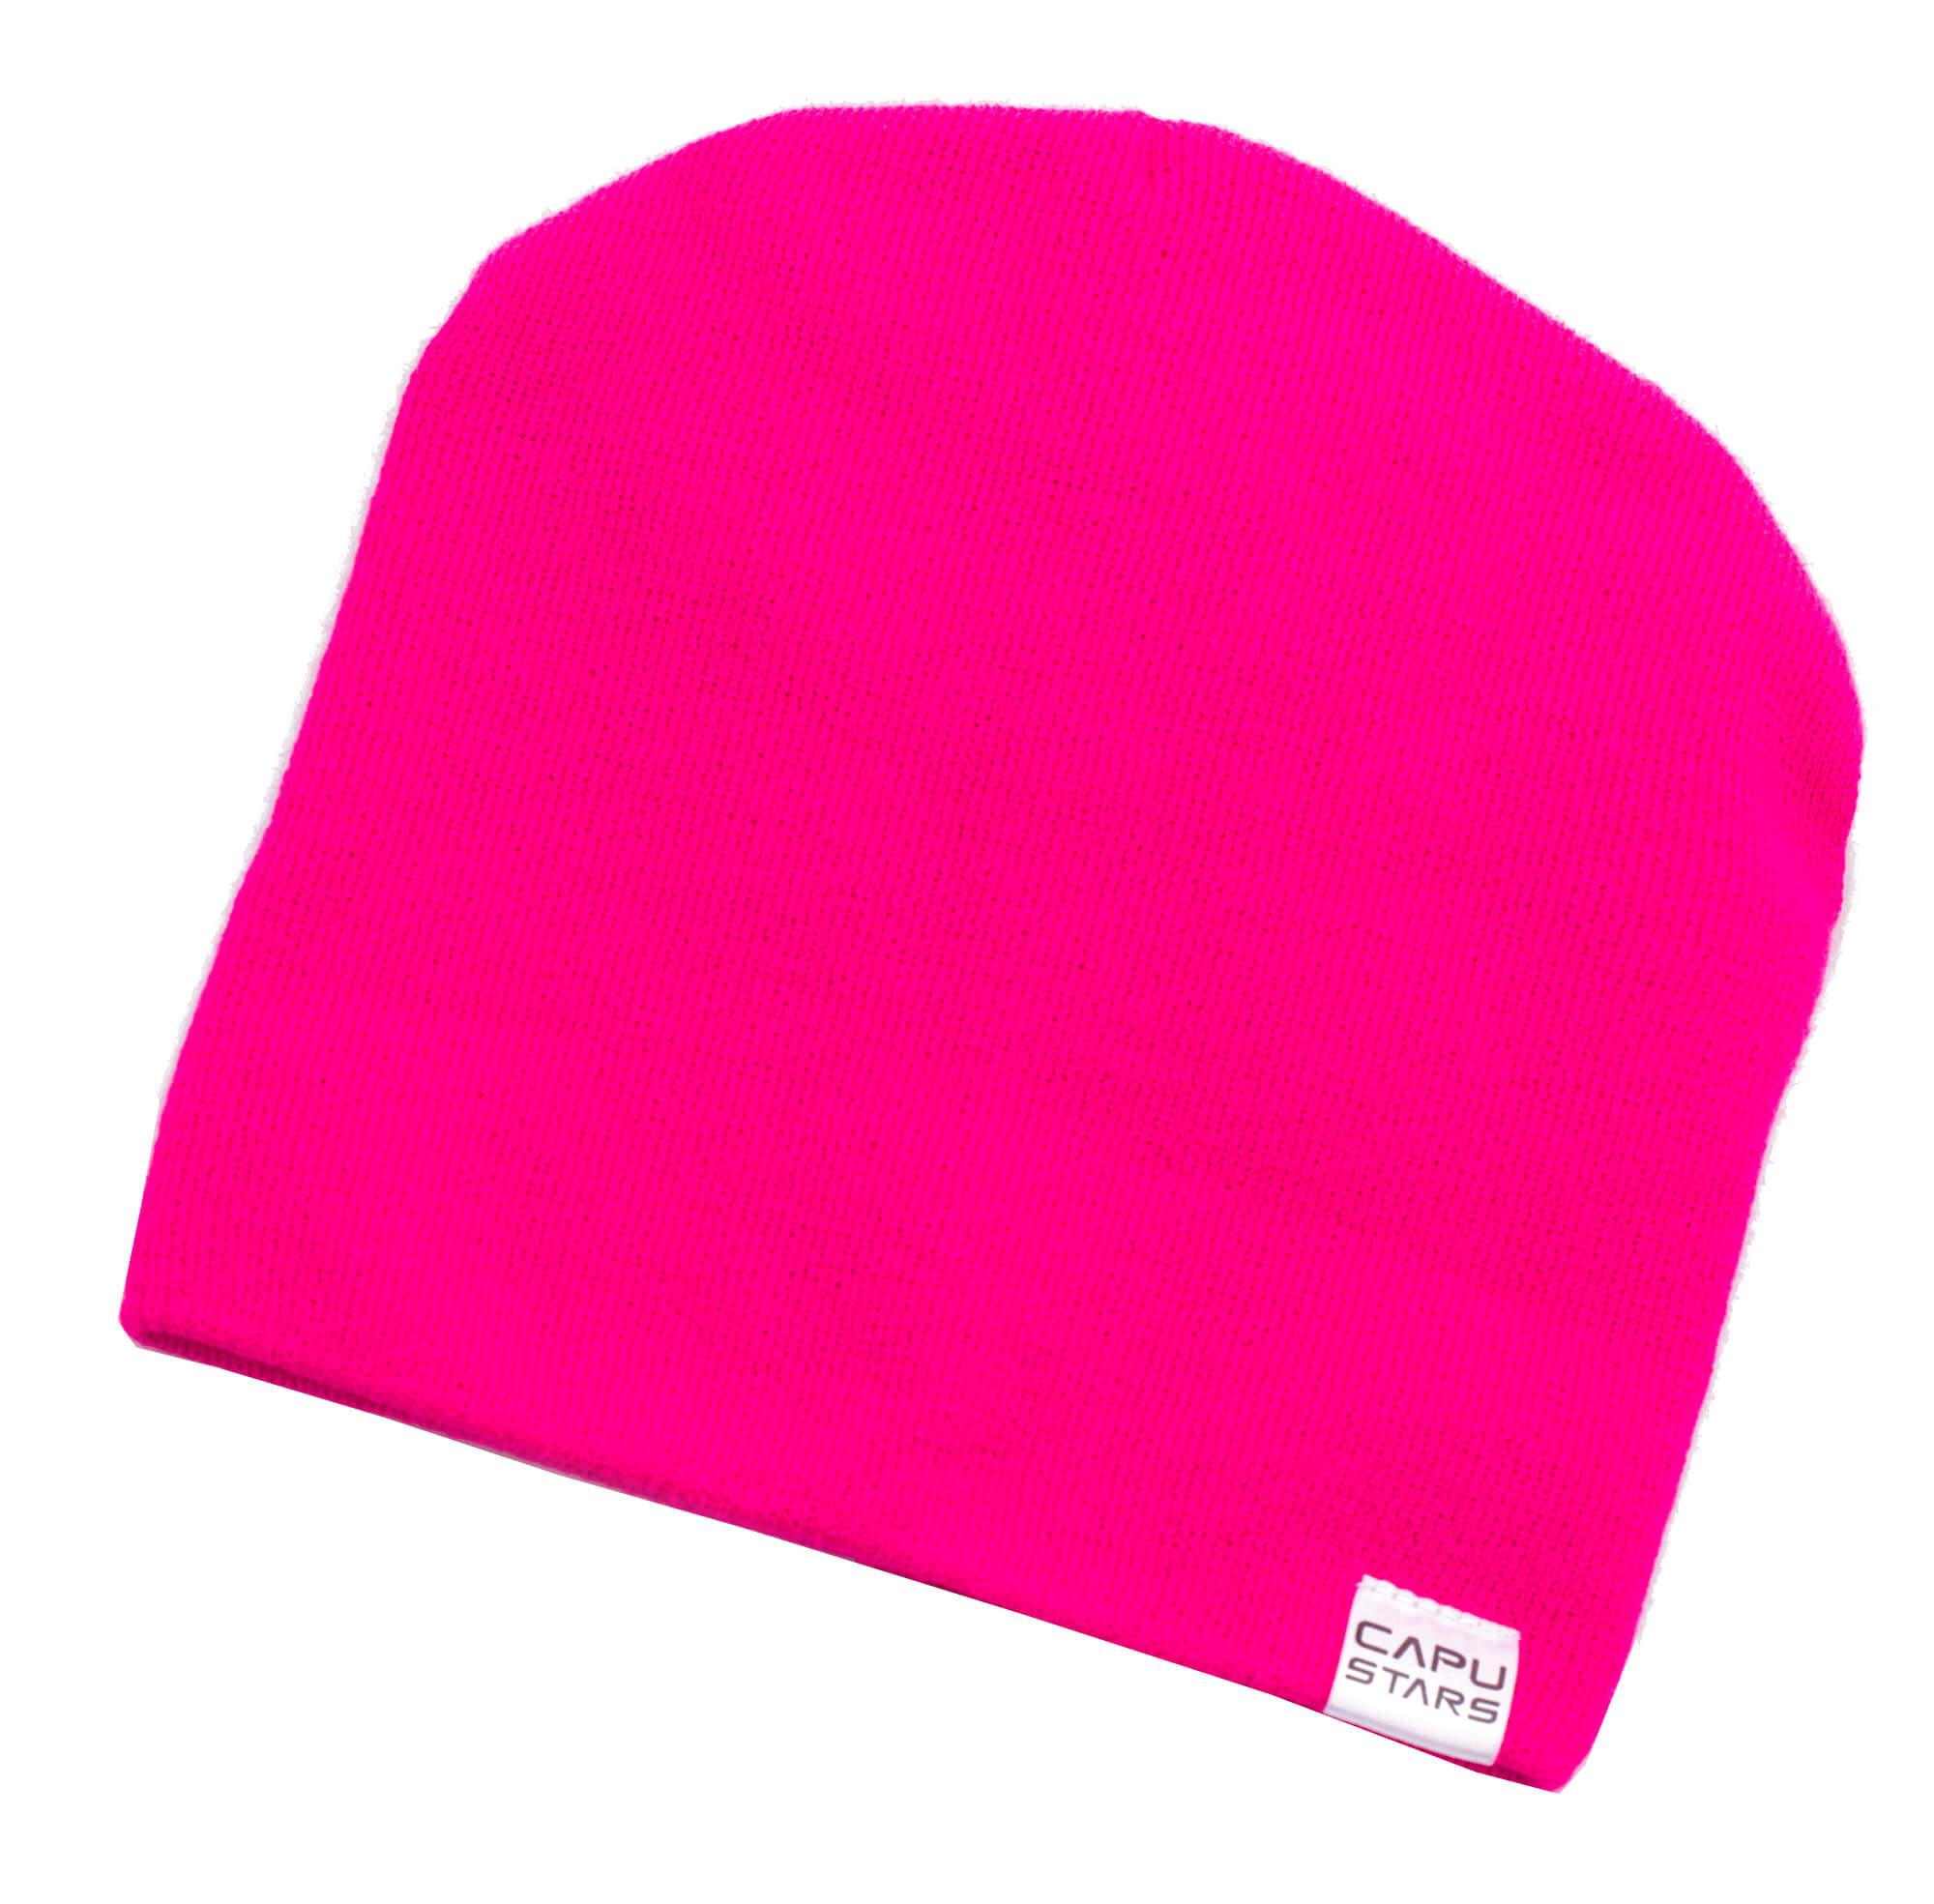 CAPU Téli sapka 1737-B Pink  da572a6343